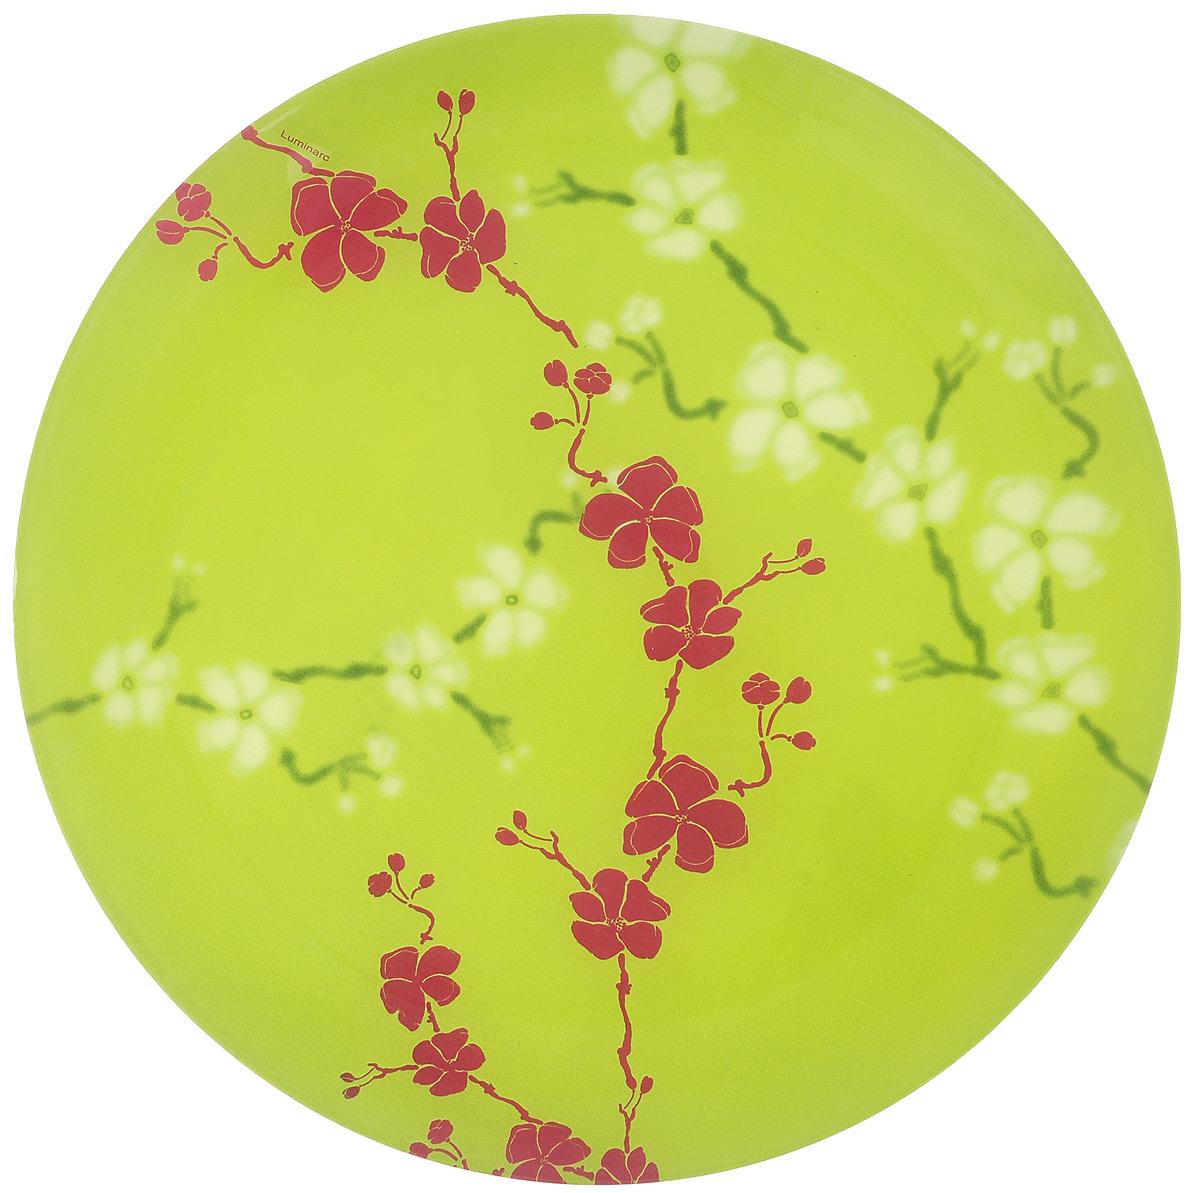 Тарелка обеденная Luminarc Kashima Green, диаметр 25 см115510Обеденная тарелка Luminarc Kashima Green изготовлена из высококачественного ударопрочного стекла. Тарелка декорирована красочным контрастным цветочным рисунком. Яркий дизайн придется по вкусу и ценителям классики, и тем, кто предпочитает утонченность. Такая тарелка прекрасно подходит как для торжественных случаев, так и для повседневного использования. Предназначена для подачи вторых блюд. Можно использовать в СВЧ и мыть в посудомоечной машине.Диаметр тарелки: 25 см.Высота тарелки: 2 см.